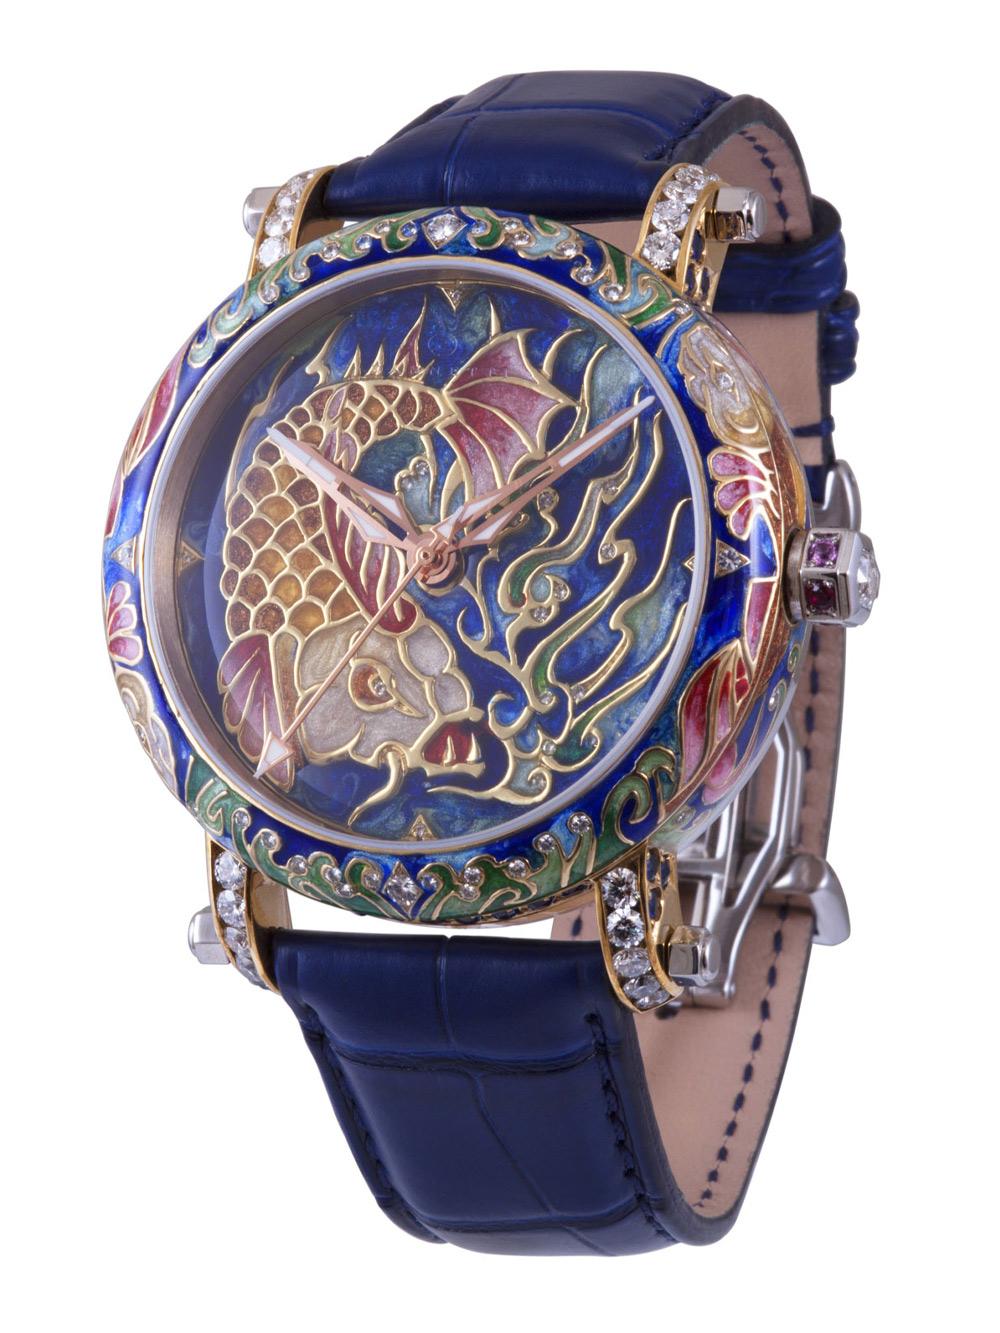 Zannetti watchmaking